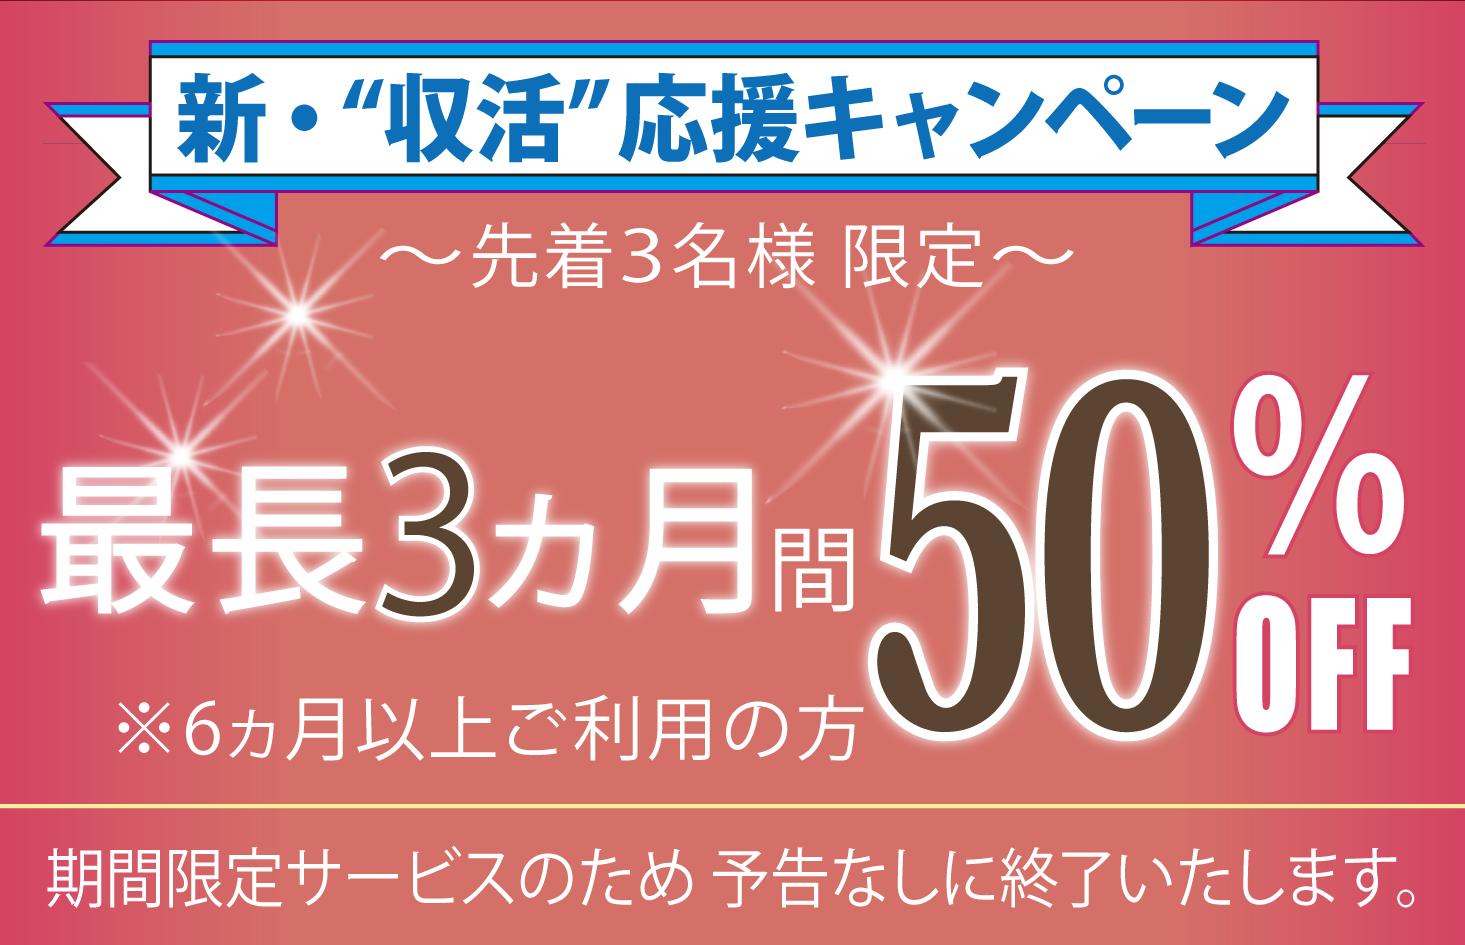 """千葉 柏松葉町店 """"最大3ヵ月 50% OFF!""""【キャンペーン中!】(6ヵ月以上の方)"""